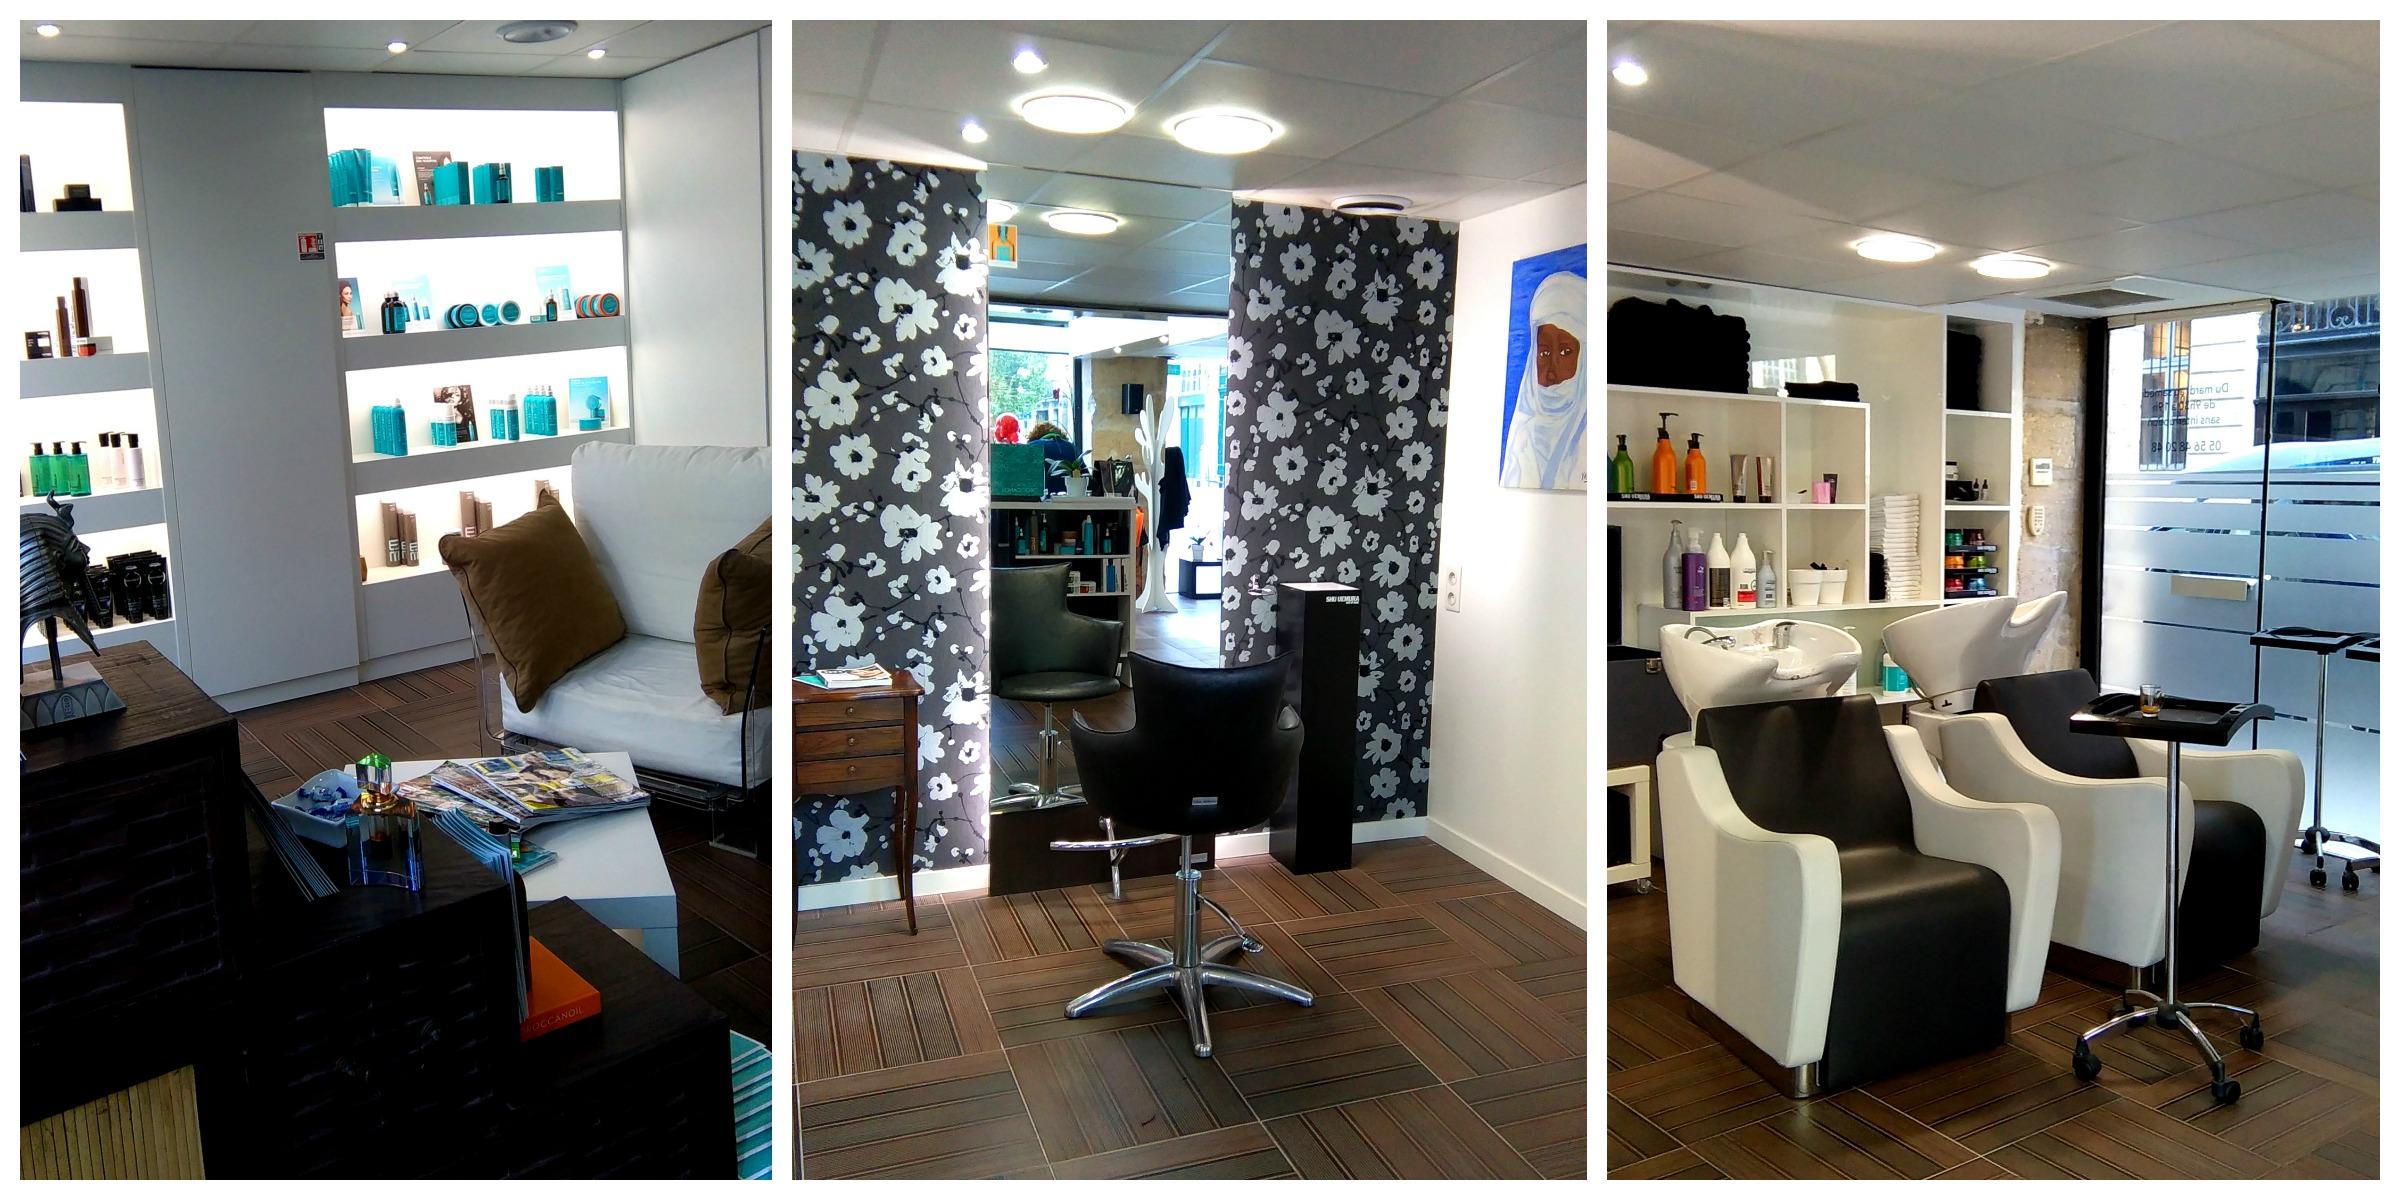 Salon de la coiffure bordeaux 2014 votre nouveau blog - Salon de the bordeaux ...